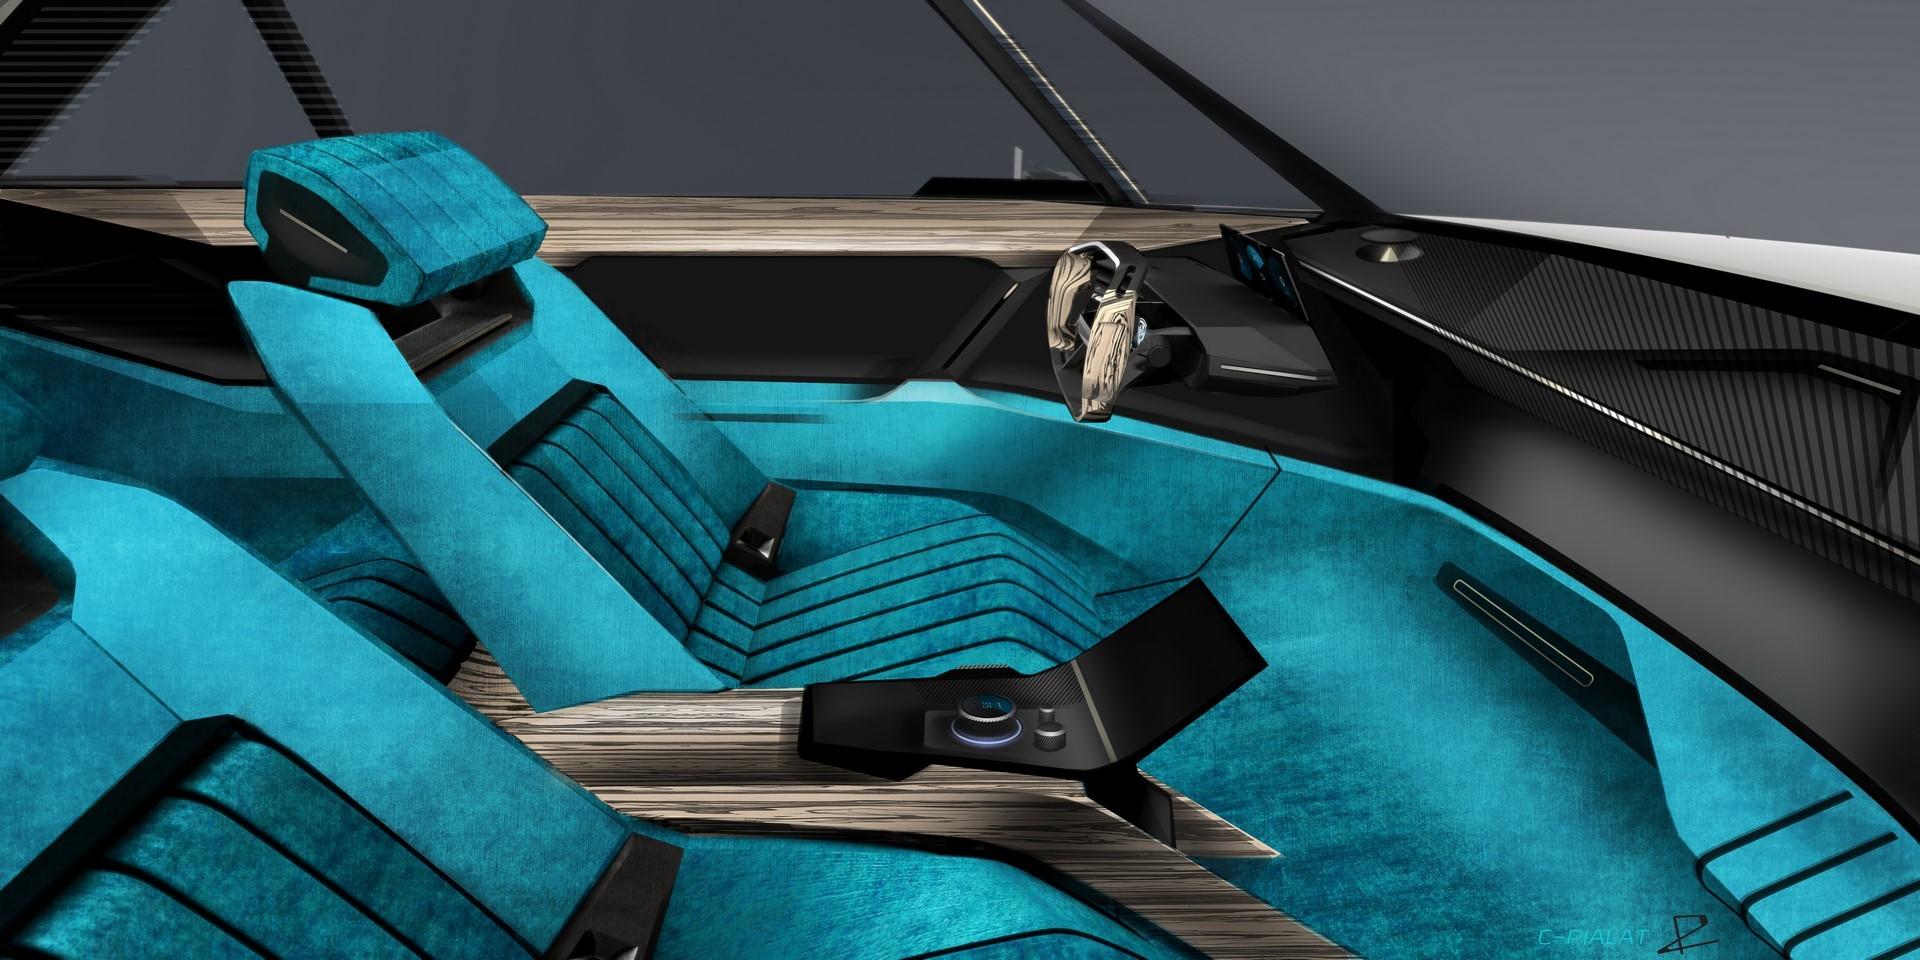 Peugeot E-Legend Concept (127)